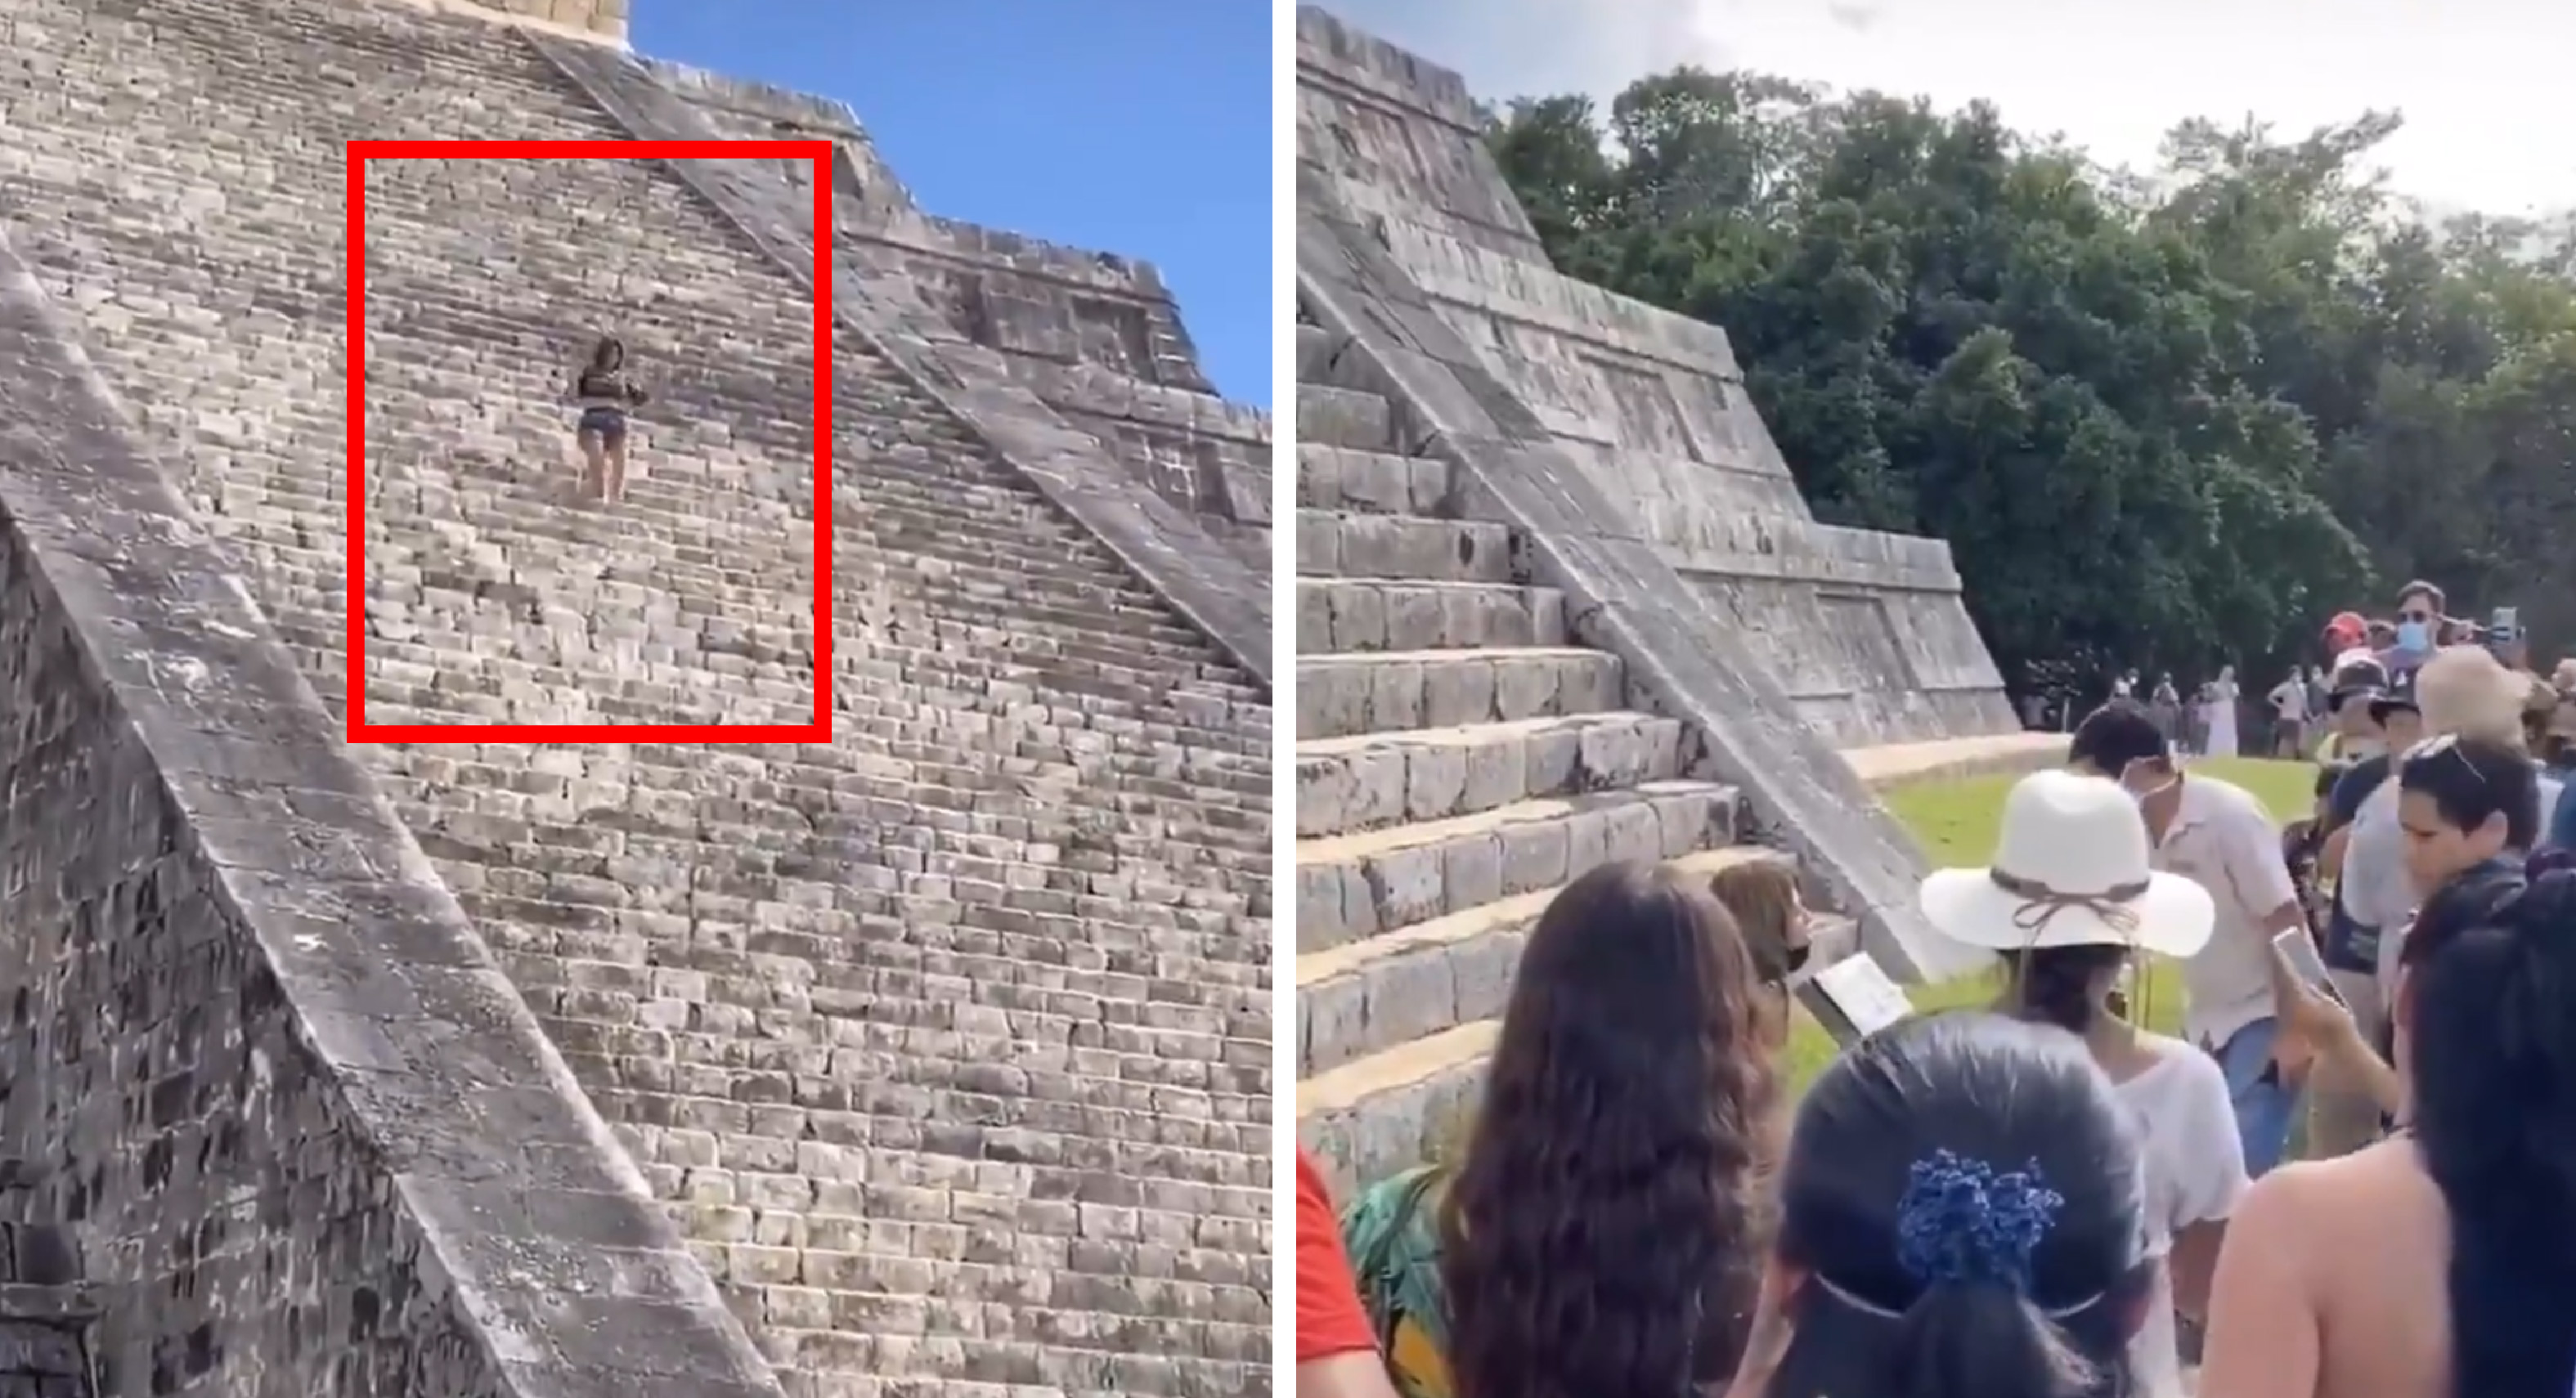 Mujer es detenida por subir a Chichén Itzá || VIDEO